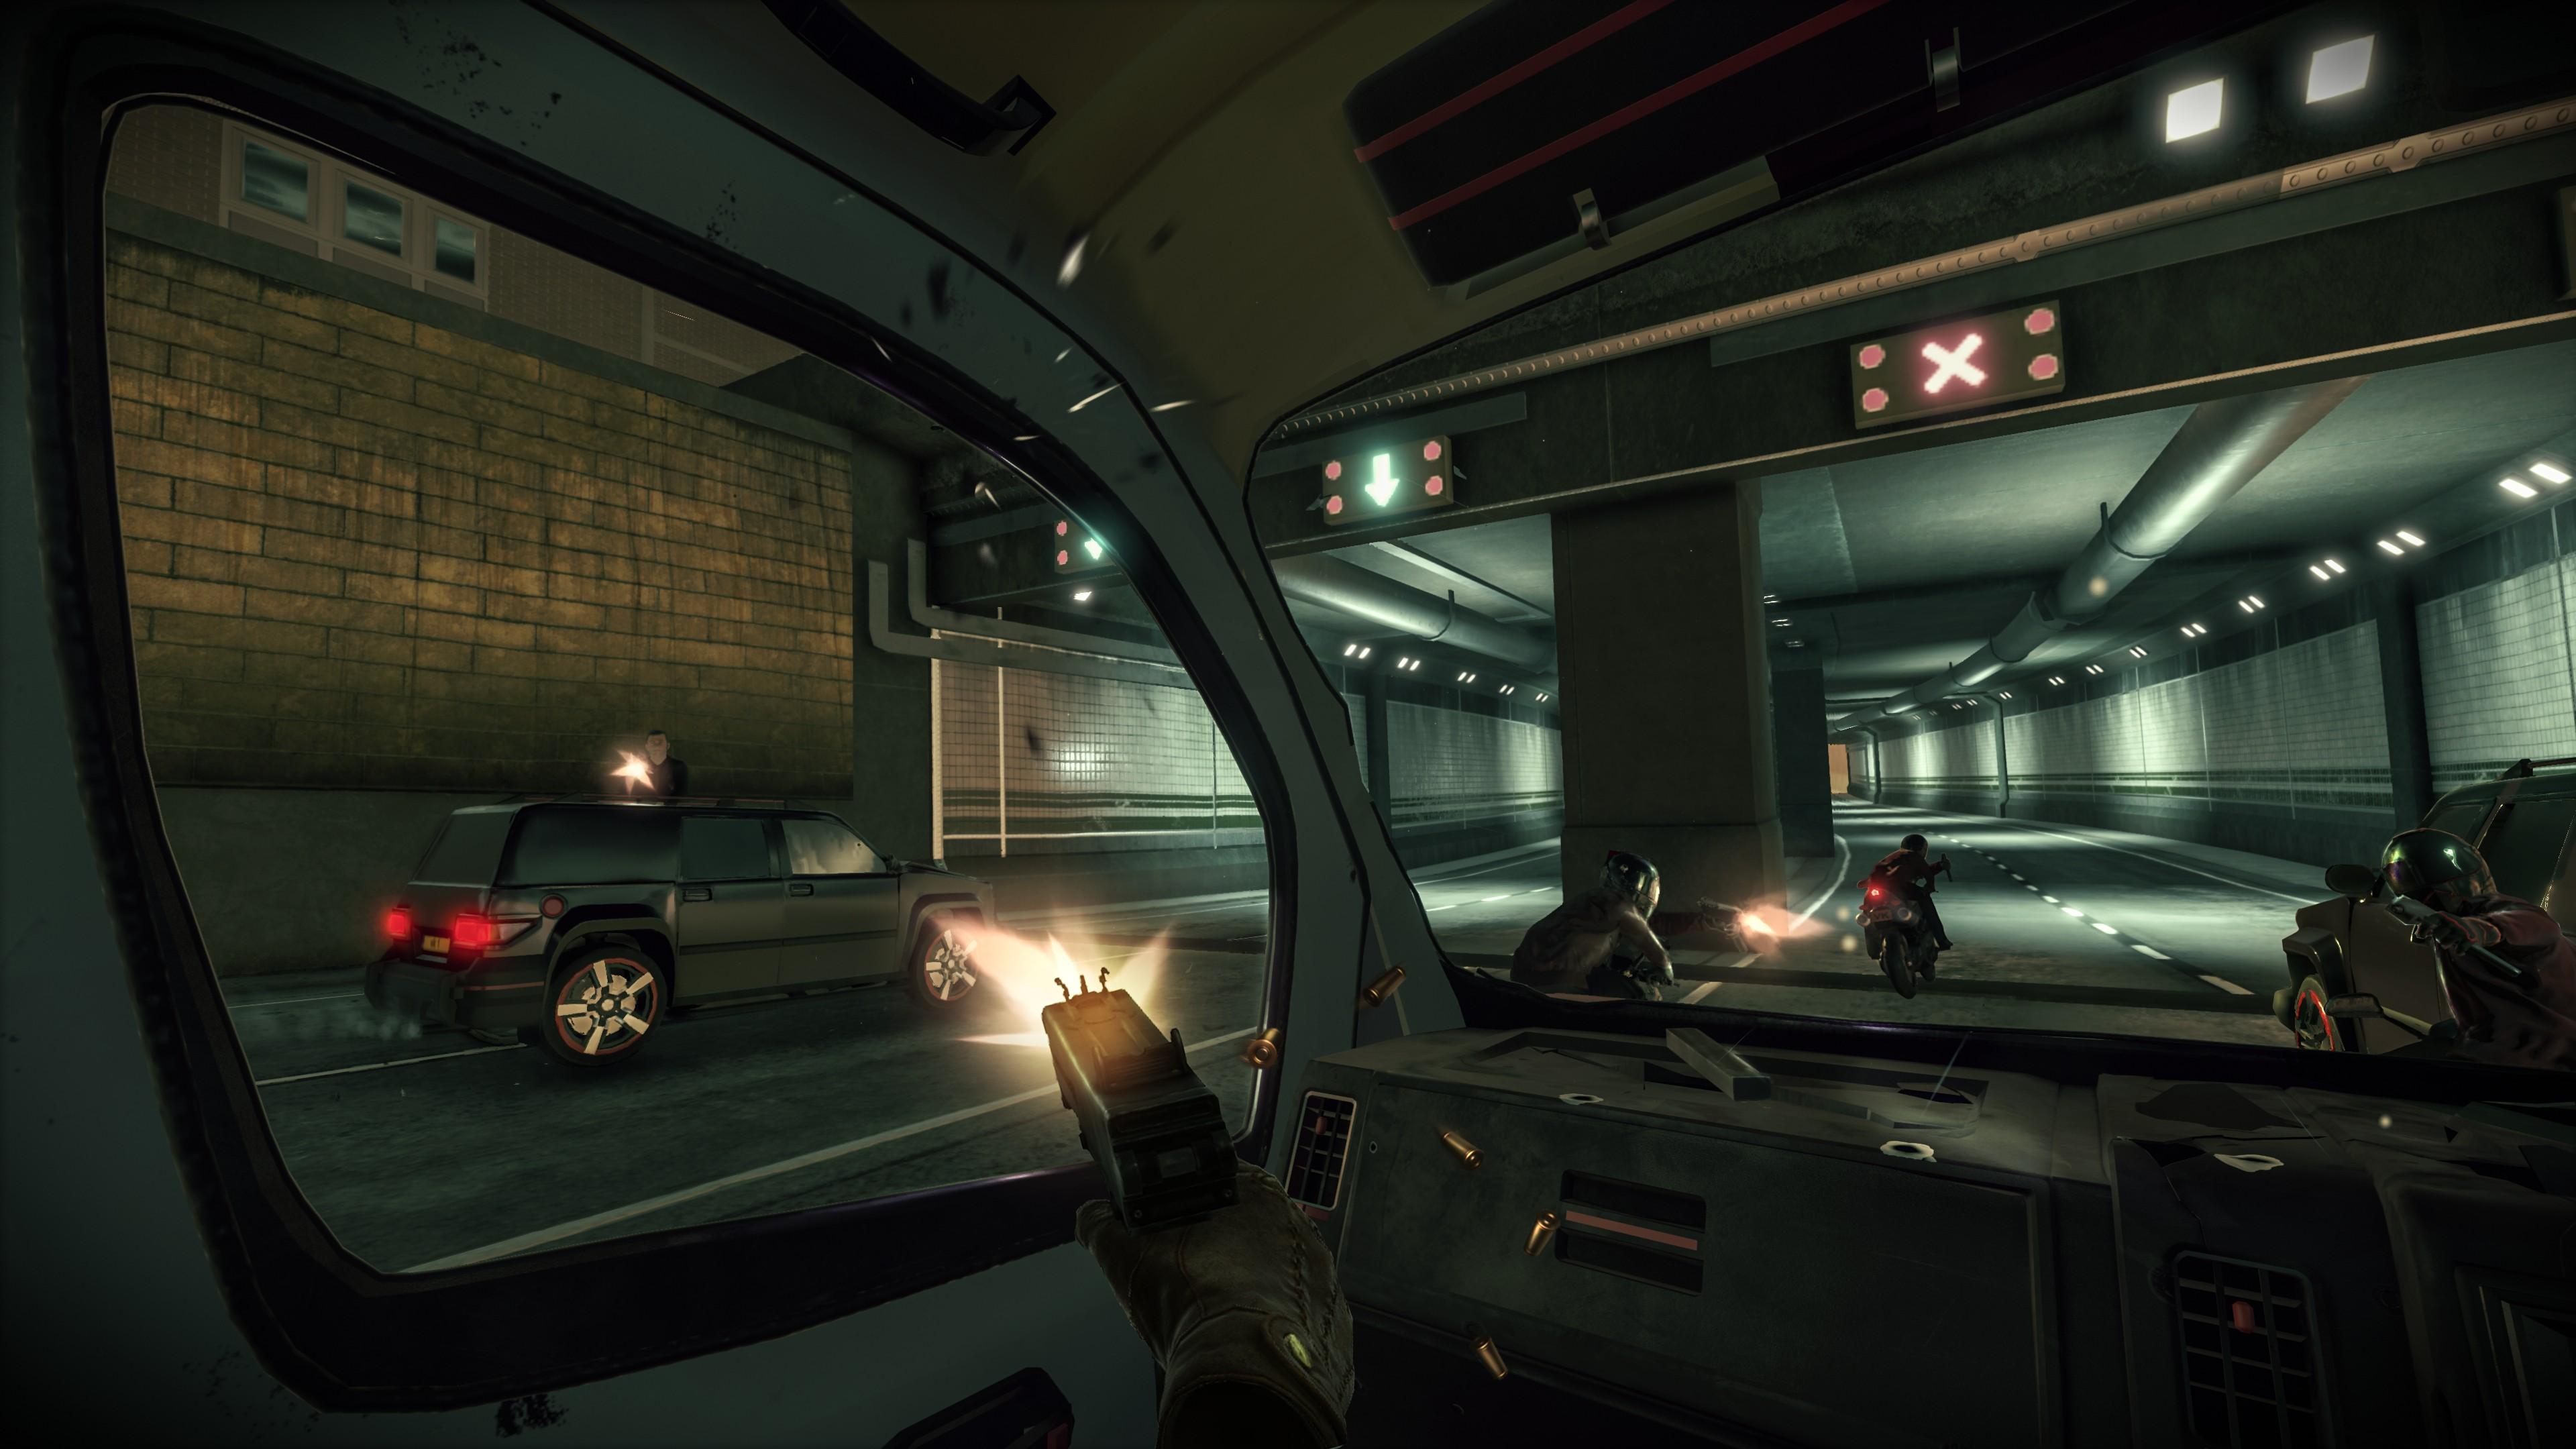 Los Mejores Juegos De Realidad Virtual Hobbyconsolas Juegos